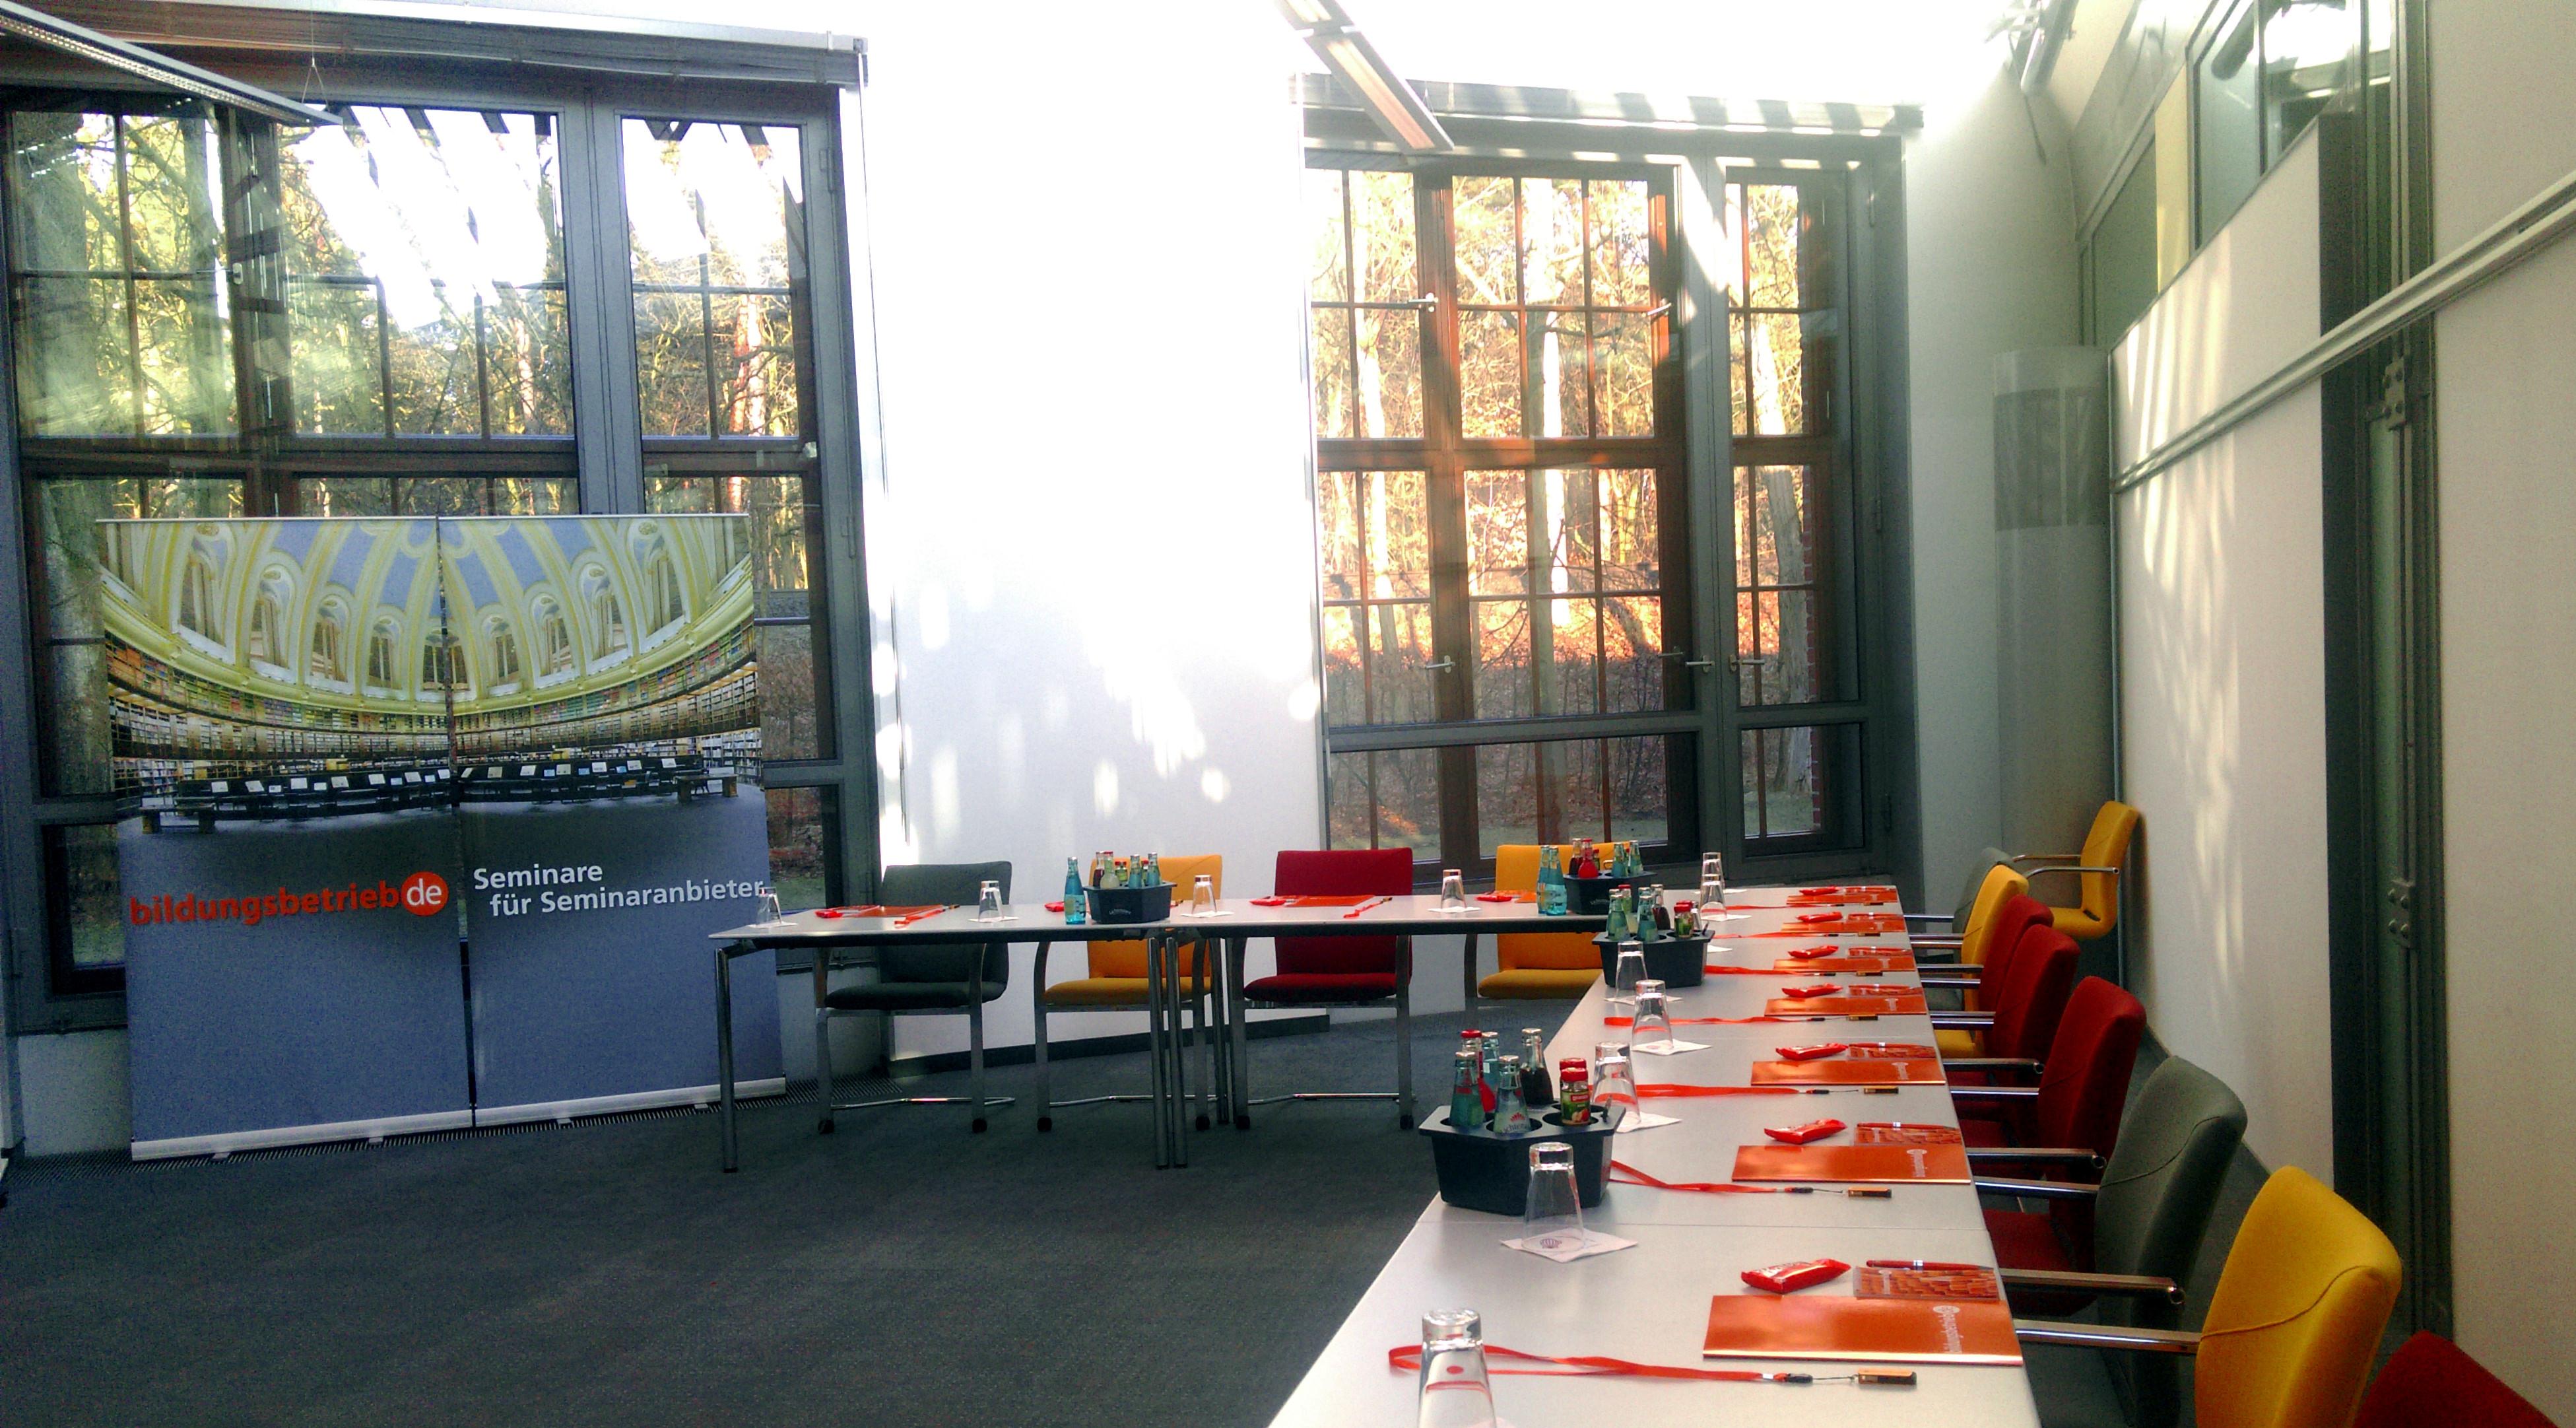 Ein bildungsbetrieb.de Seminar